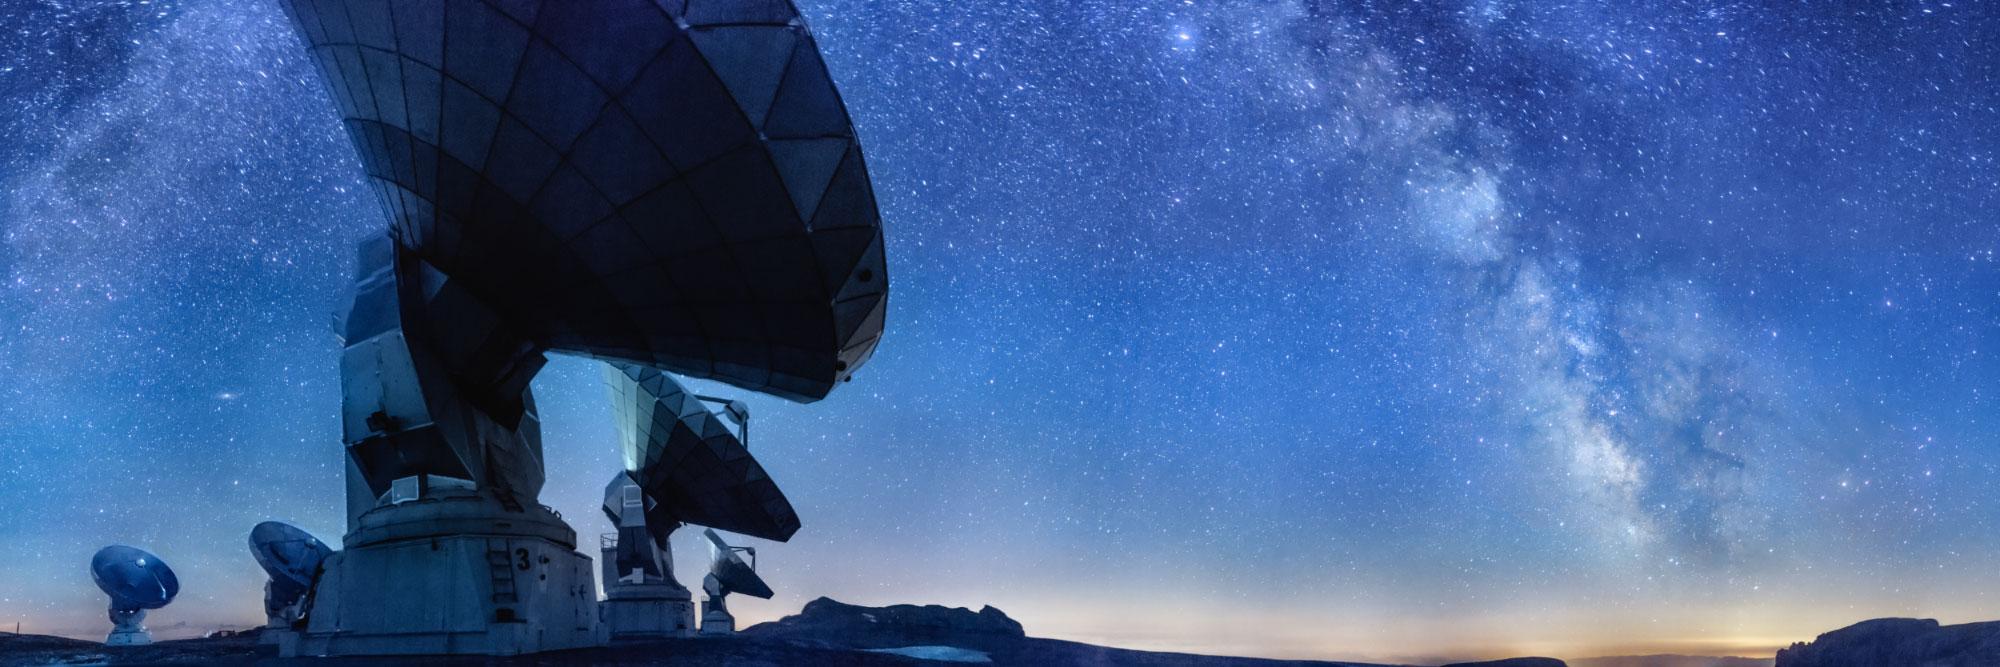 Radiotélescopes du plateau de Bure à 2552m, Dévoluy